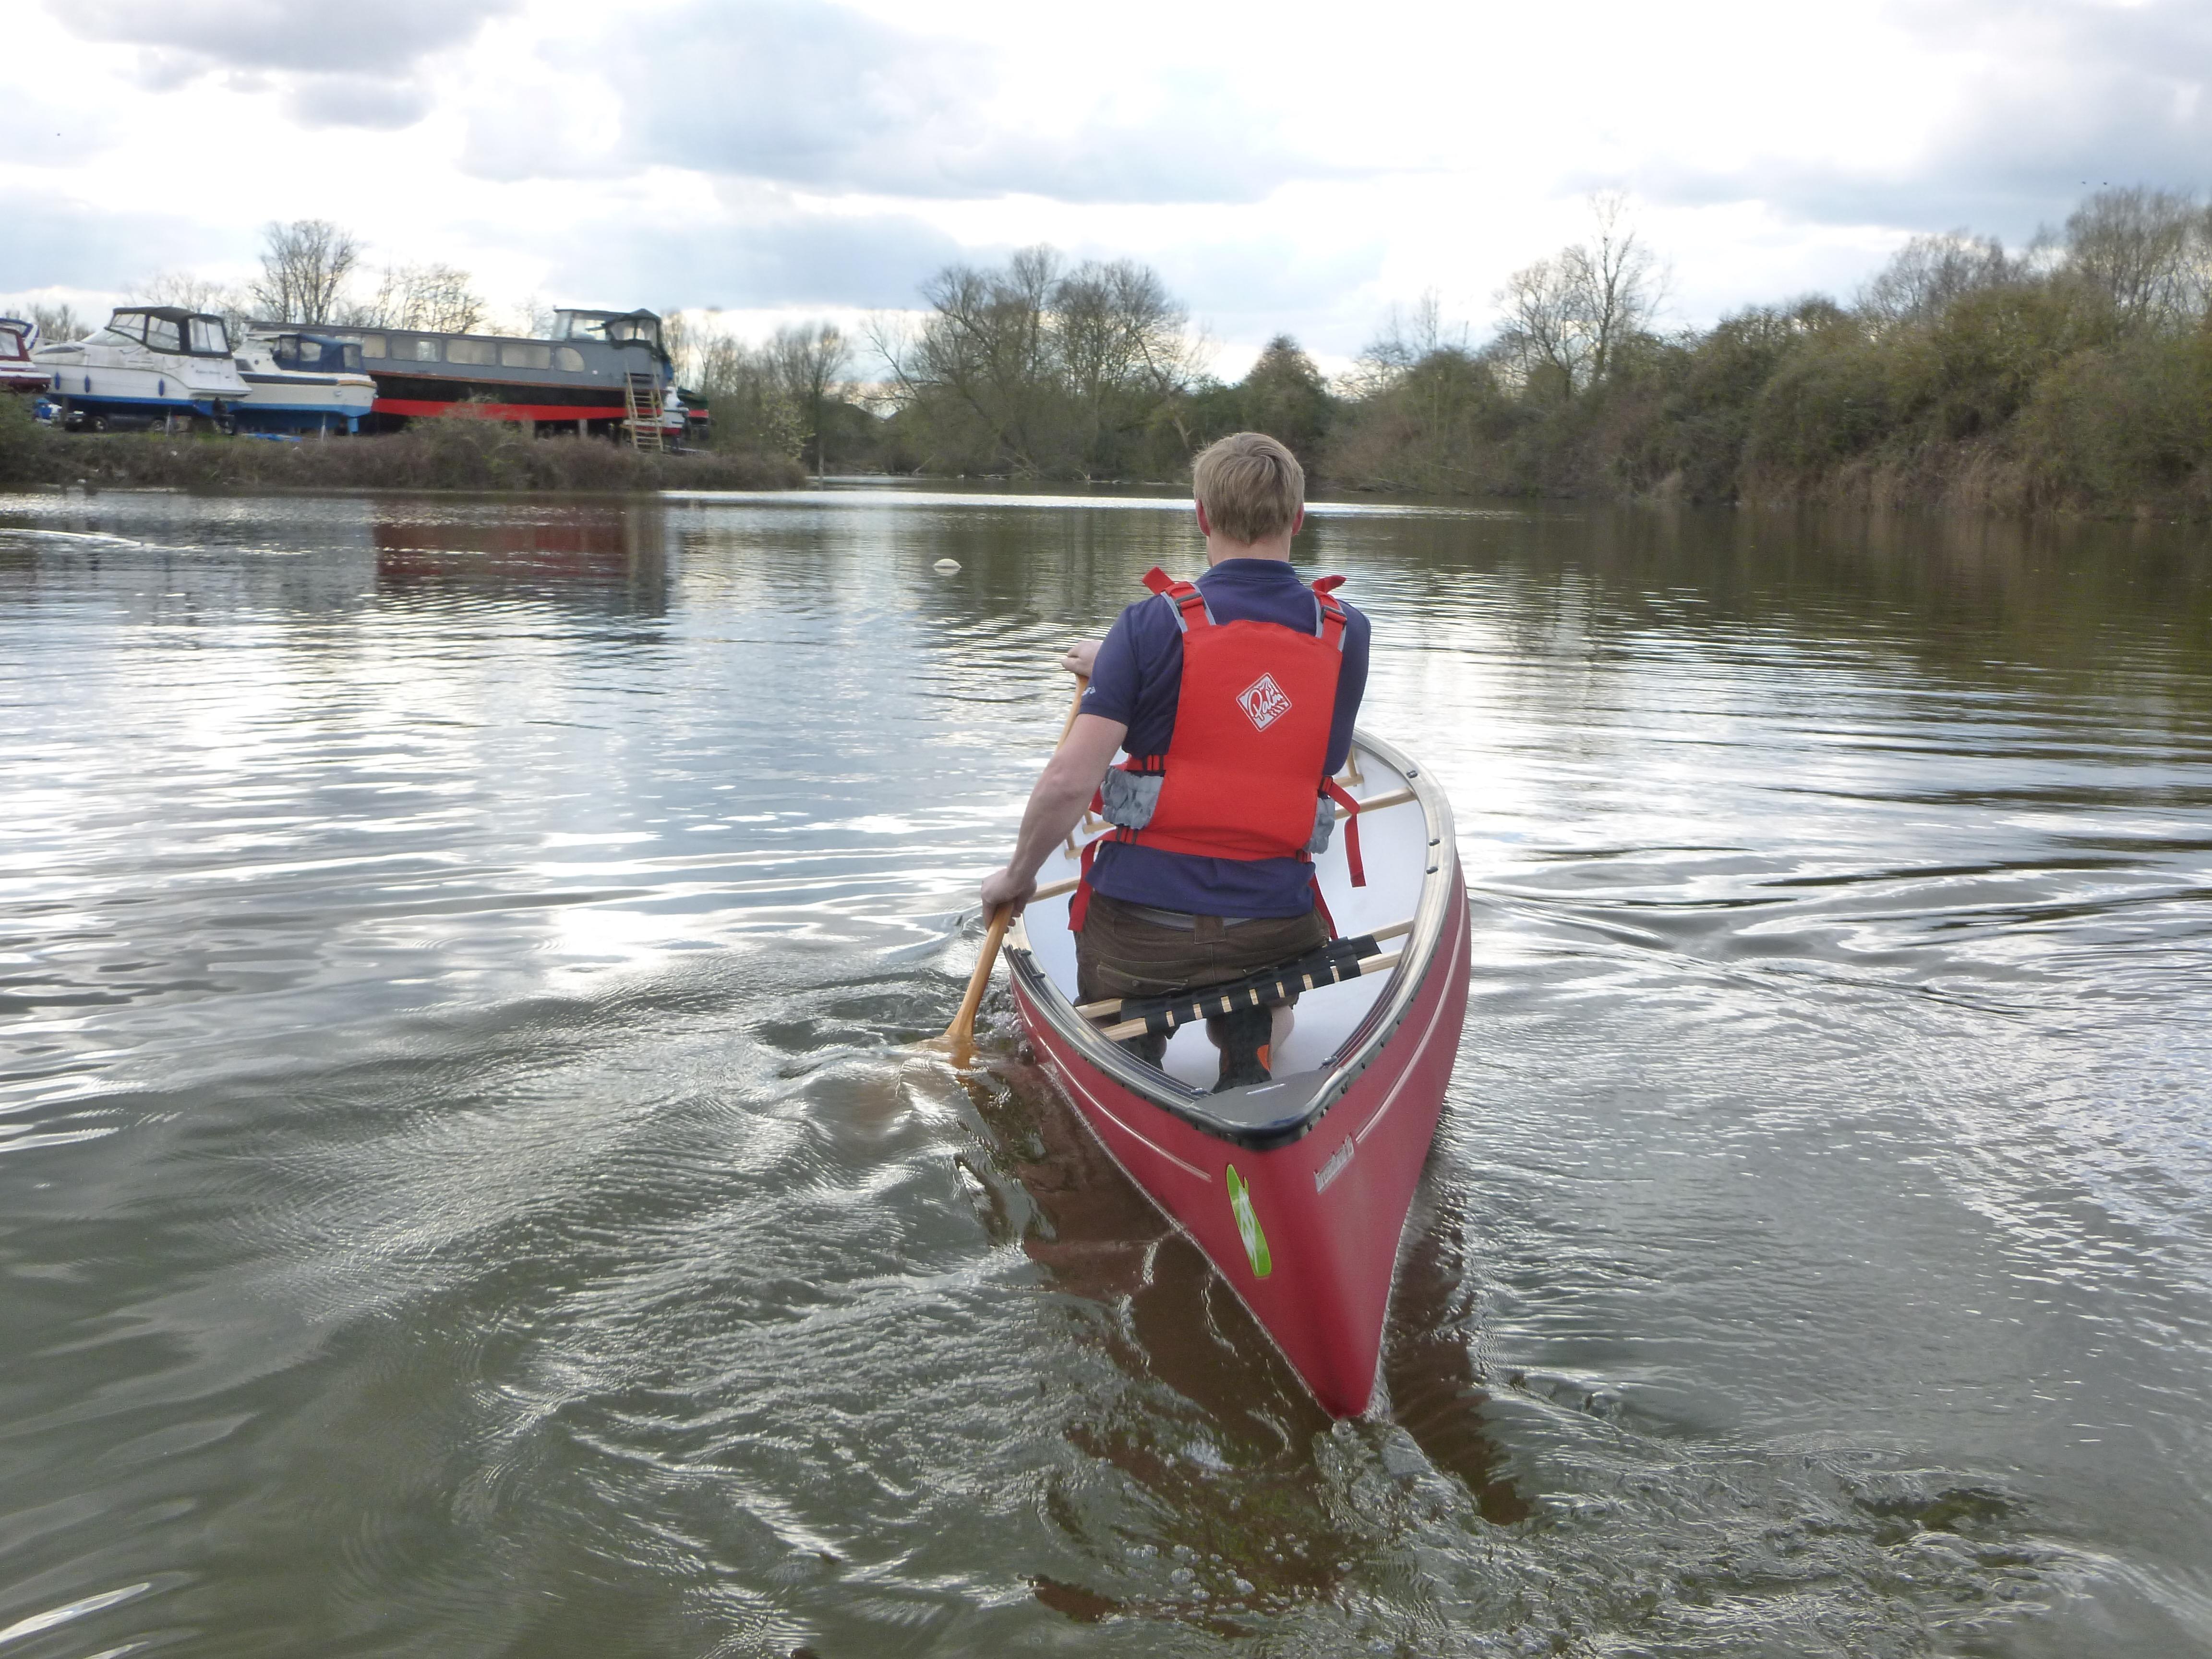 paddling off winter canoe thames